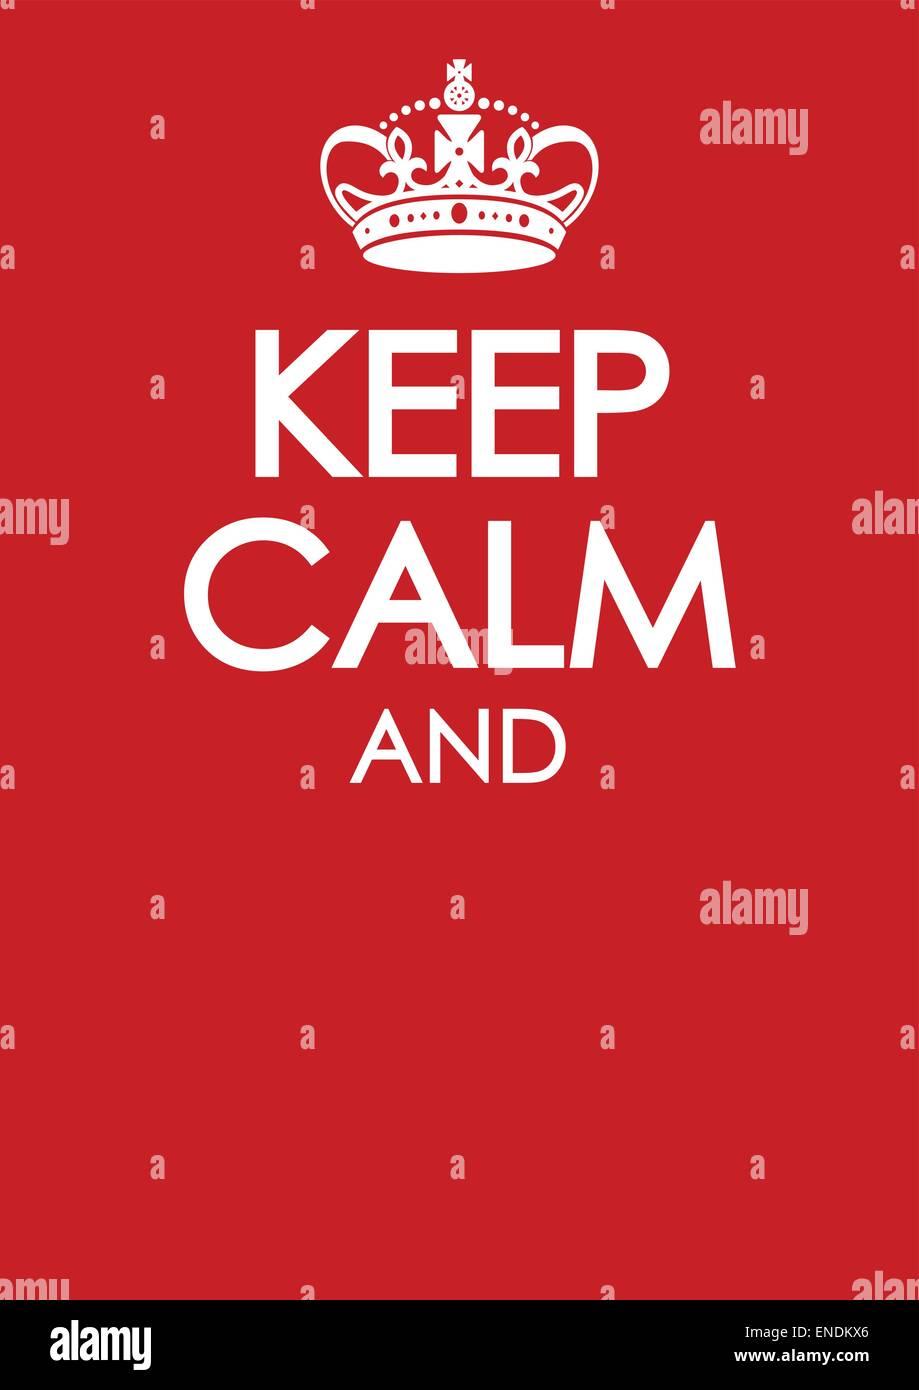 Mantener la calma y seguir poster plantilla con similar vector de corona Imagen De Stock